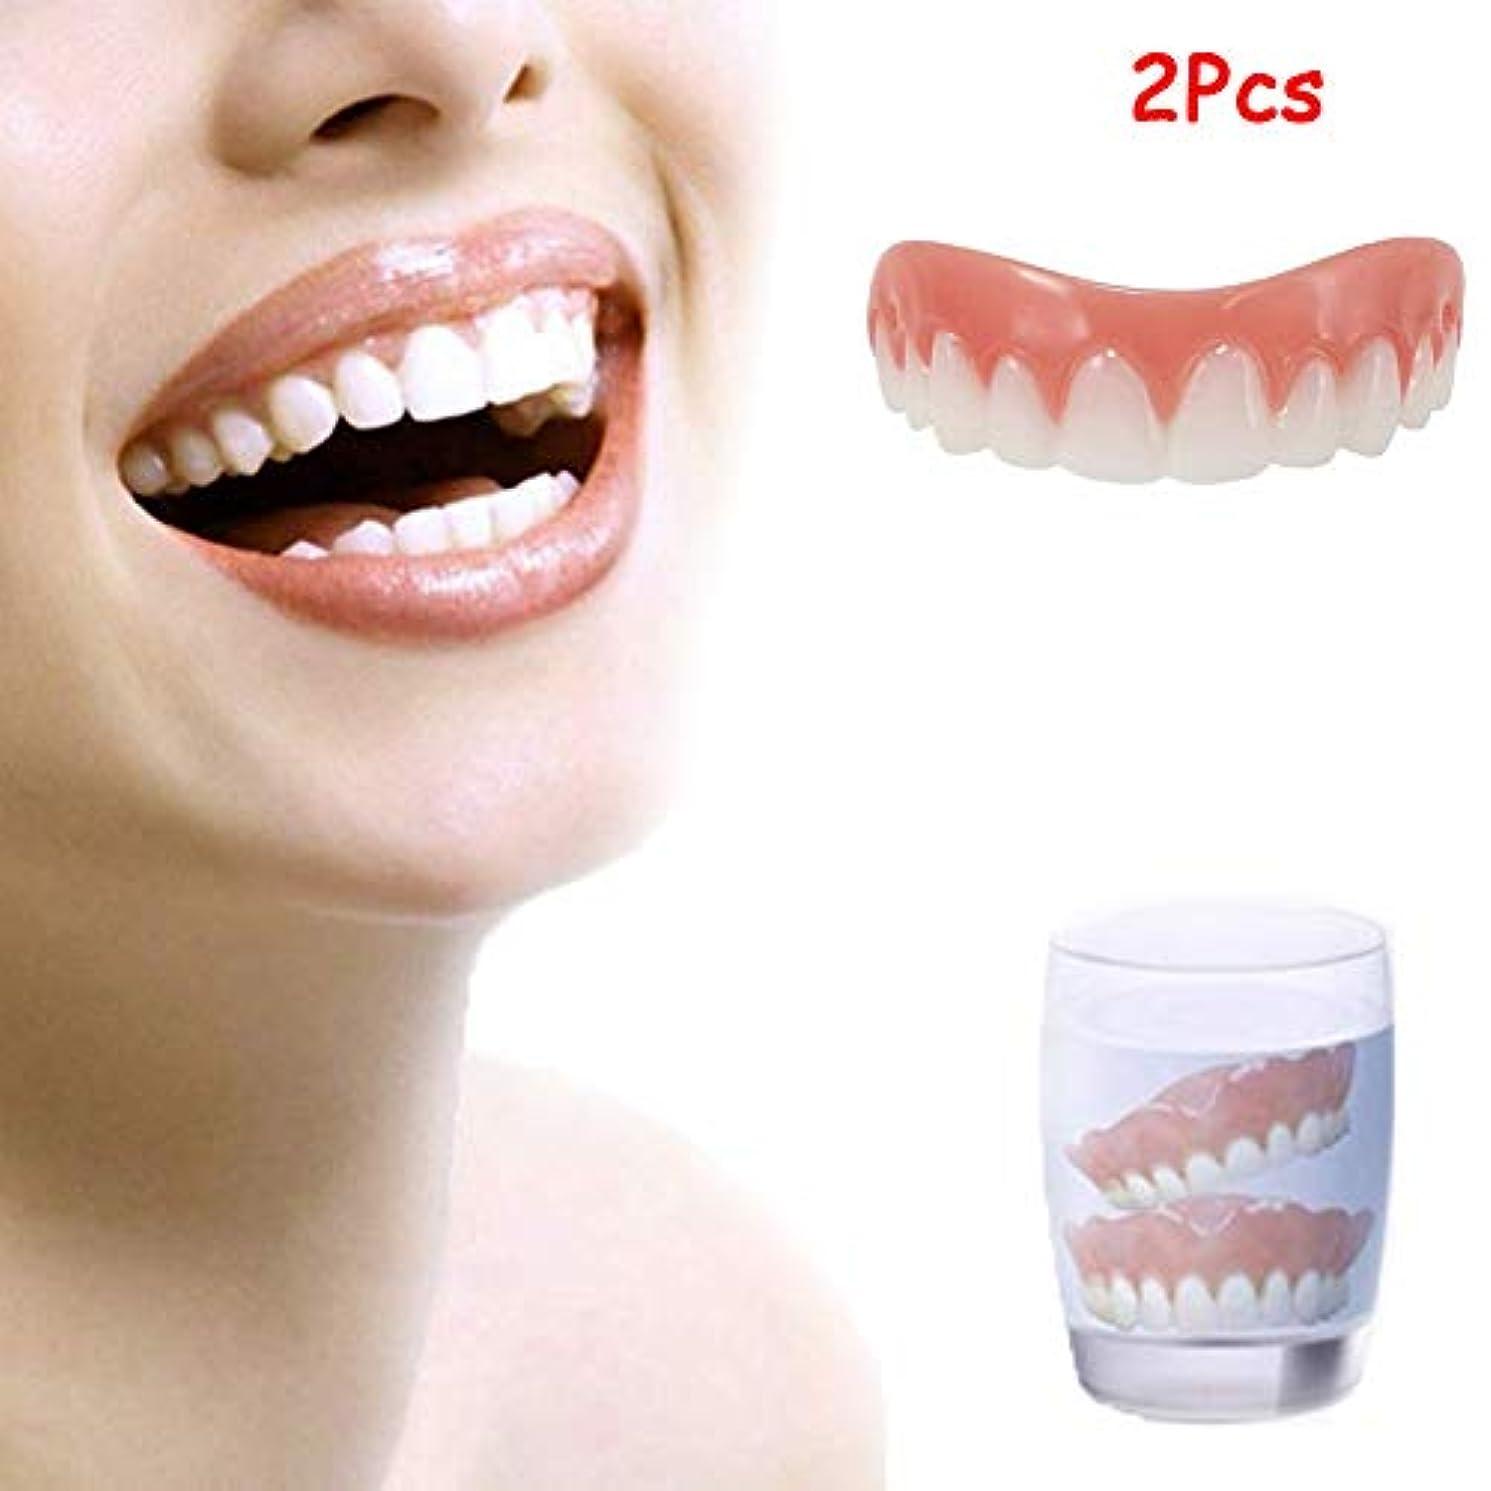 勘違いする知覚する東歯科用ベニヤホワイトニングデンタルインスタントパーフェクトスマイルアップアンドダウン快適なスナップインフェイクティース